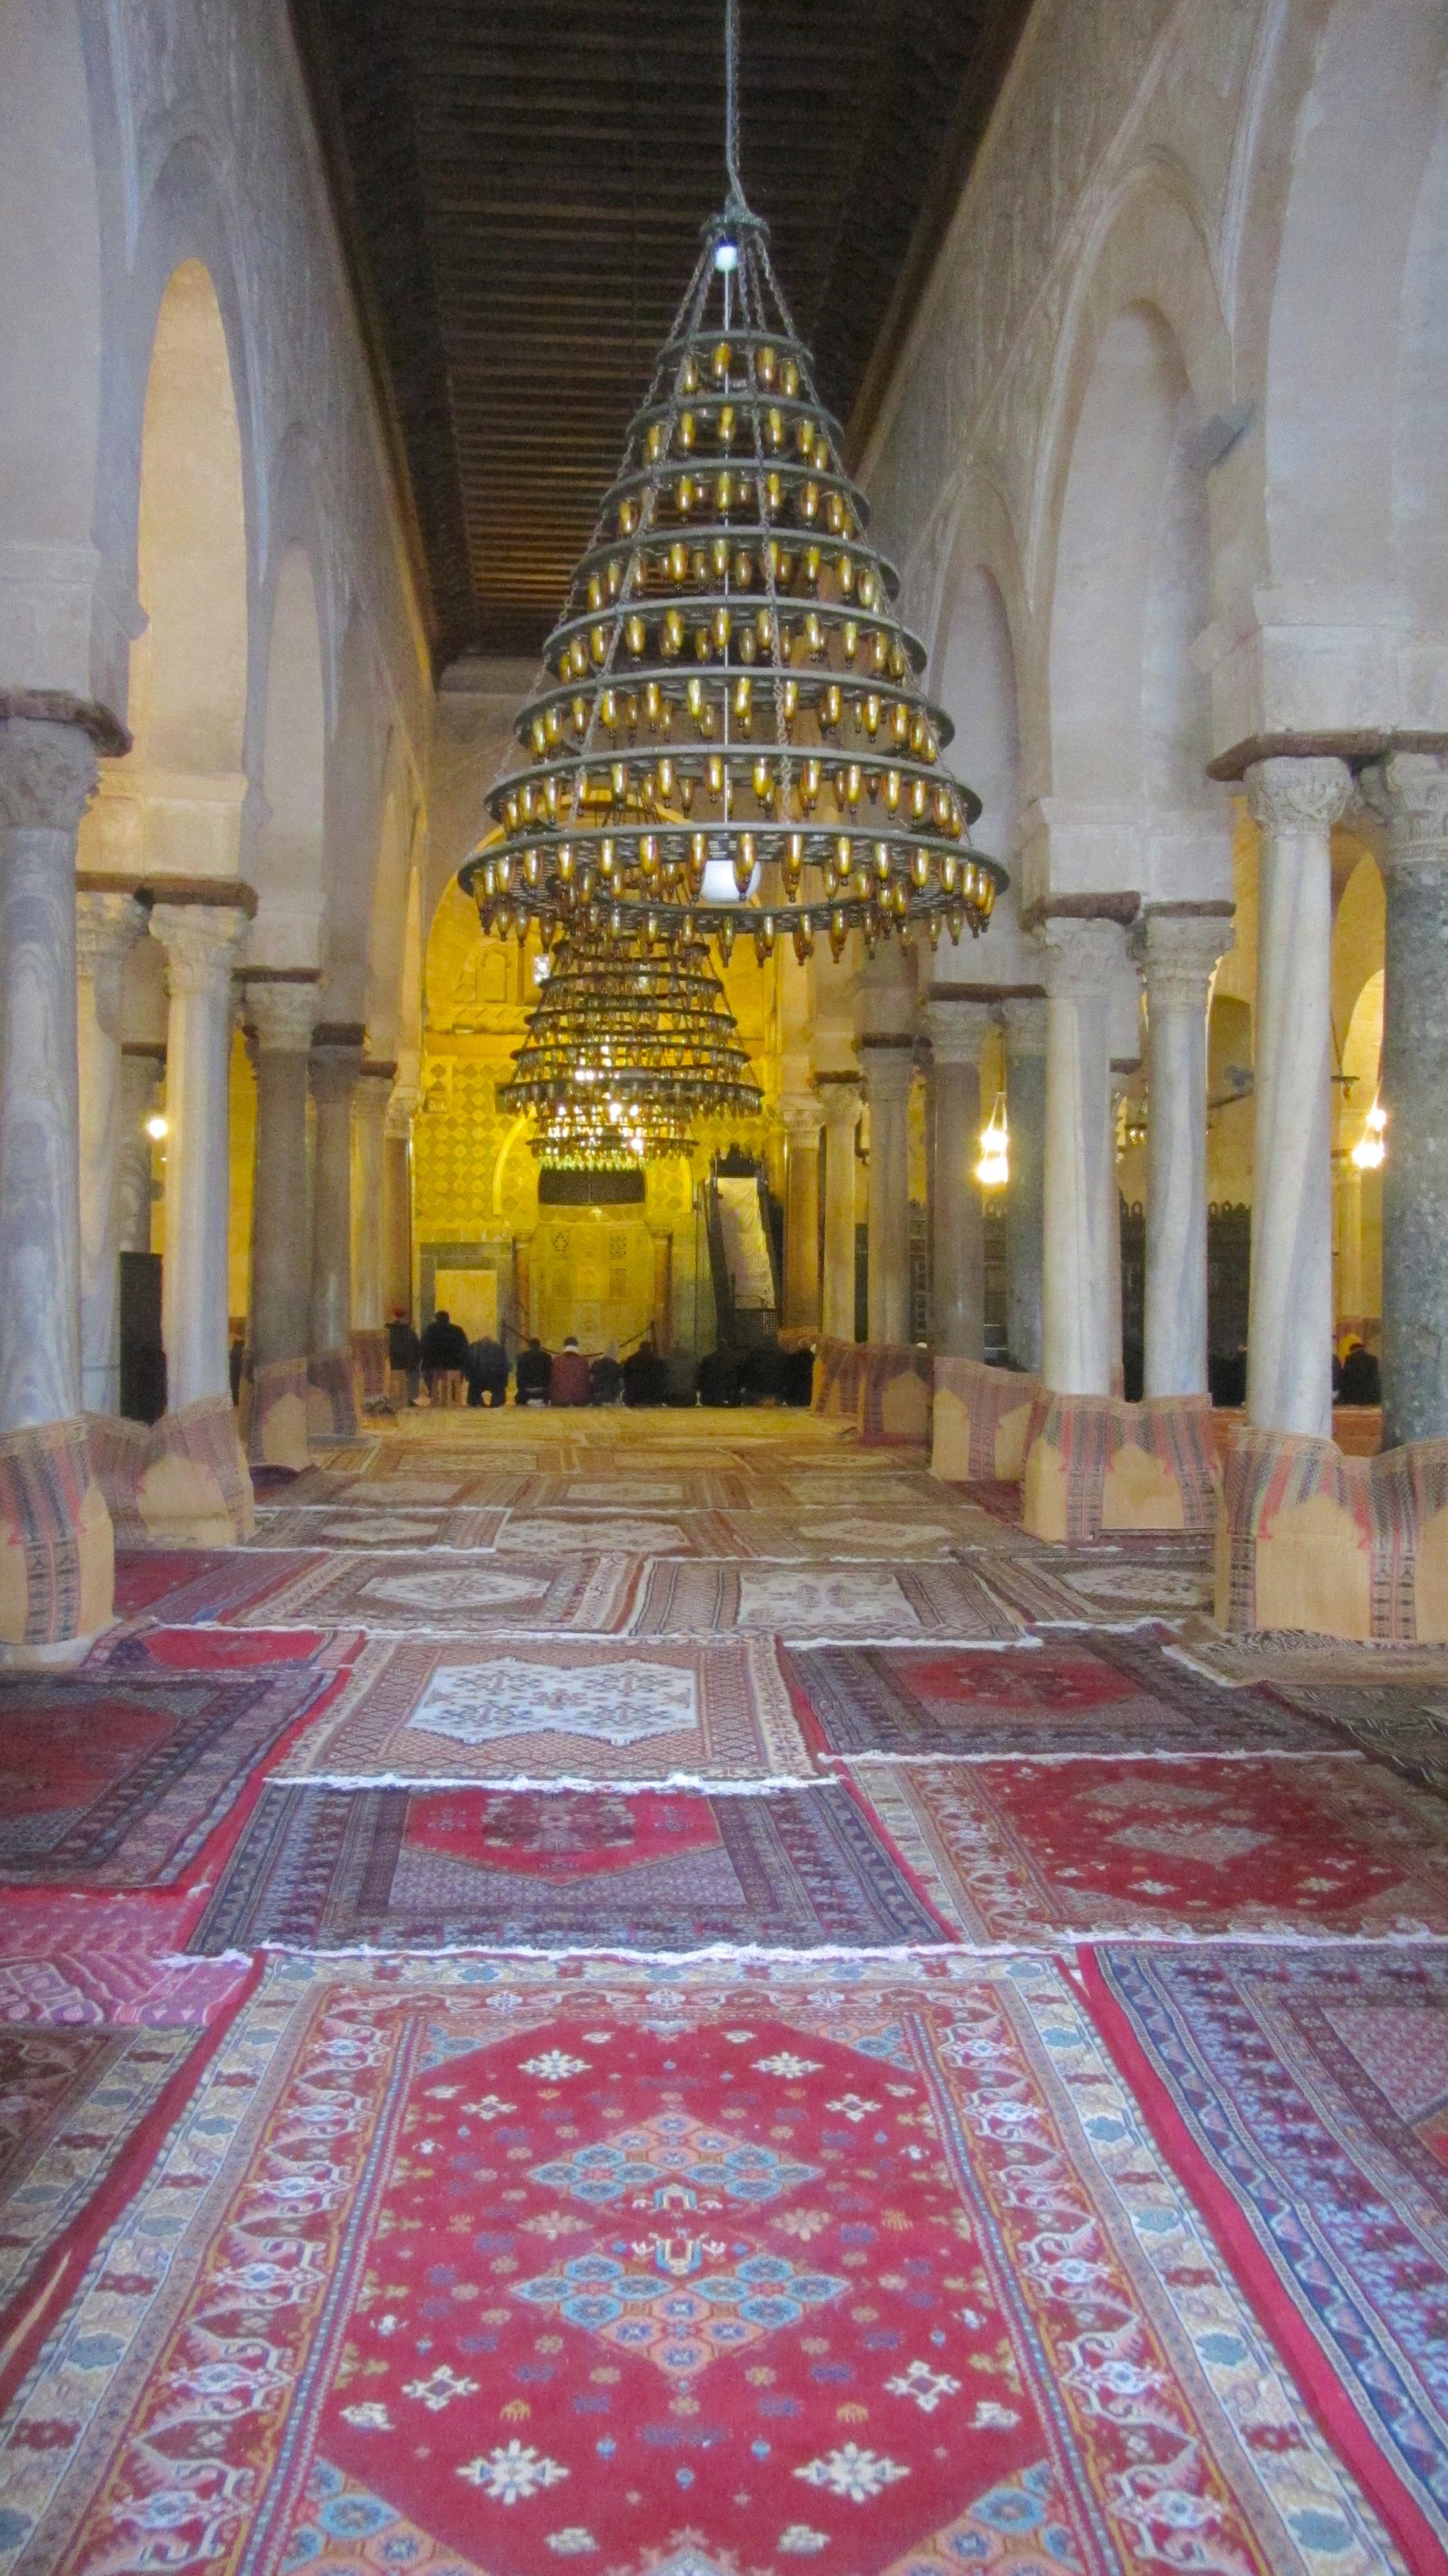 Inside Kairouan Great Mosque